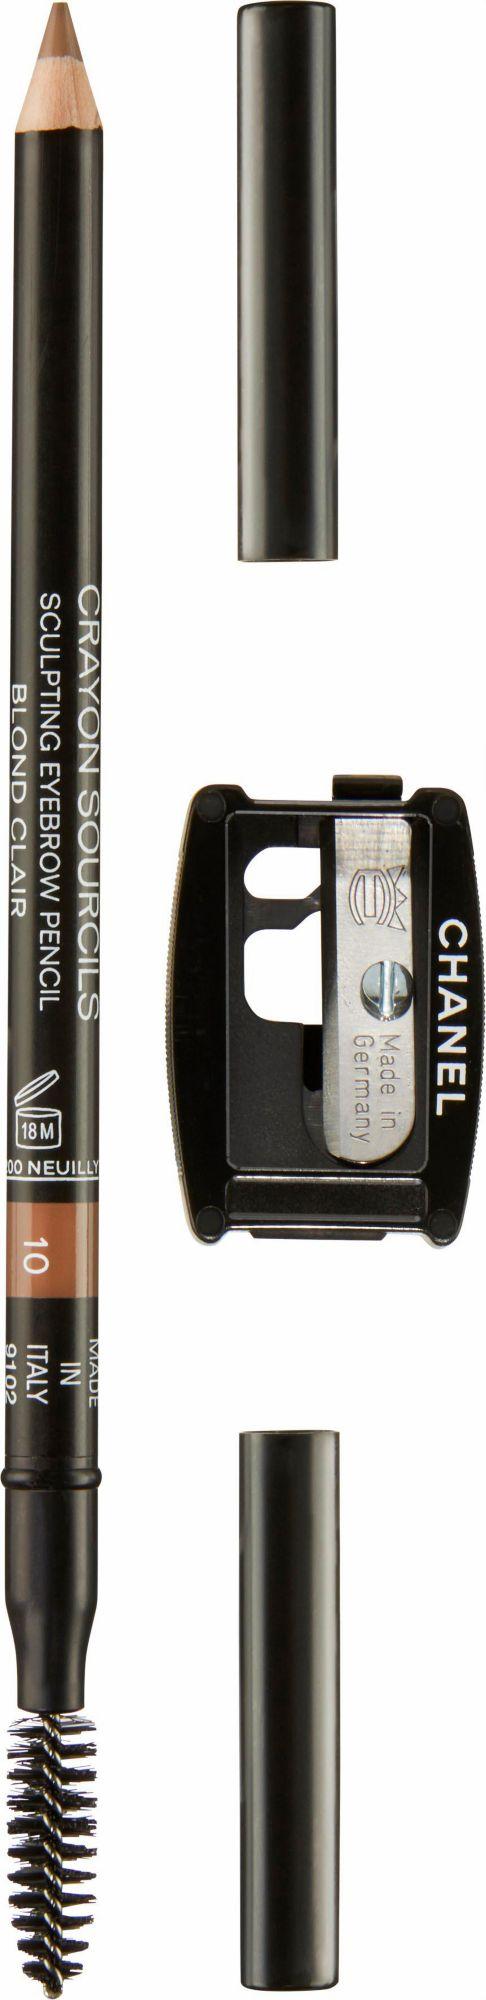 CHANEL Chanel, »Crayon Sourcils«, Augenbrauenstift